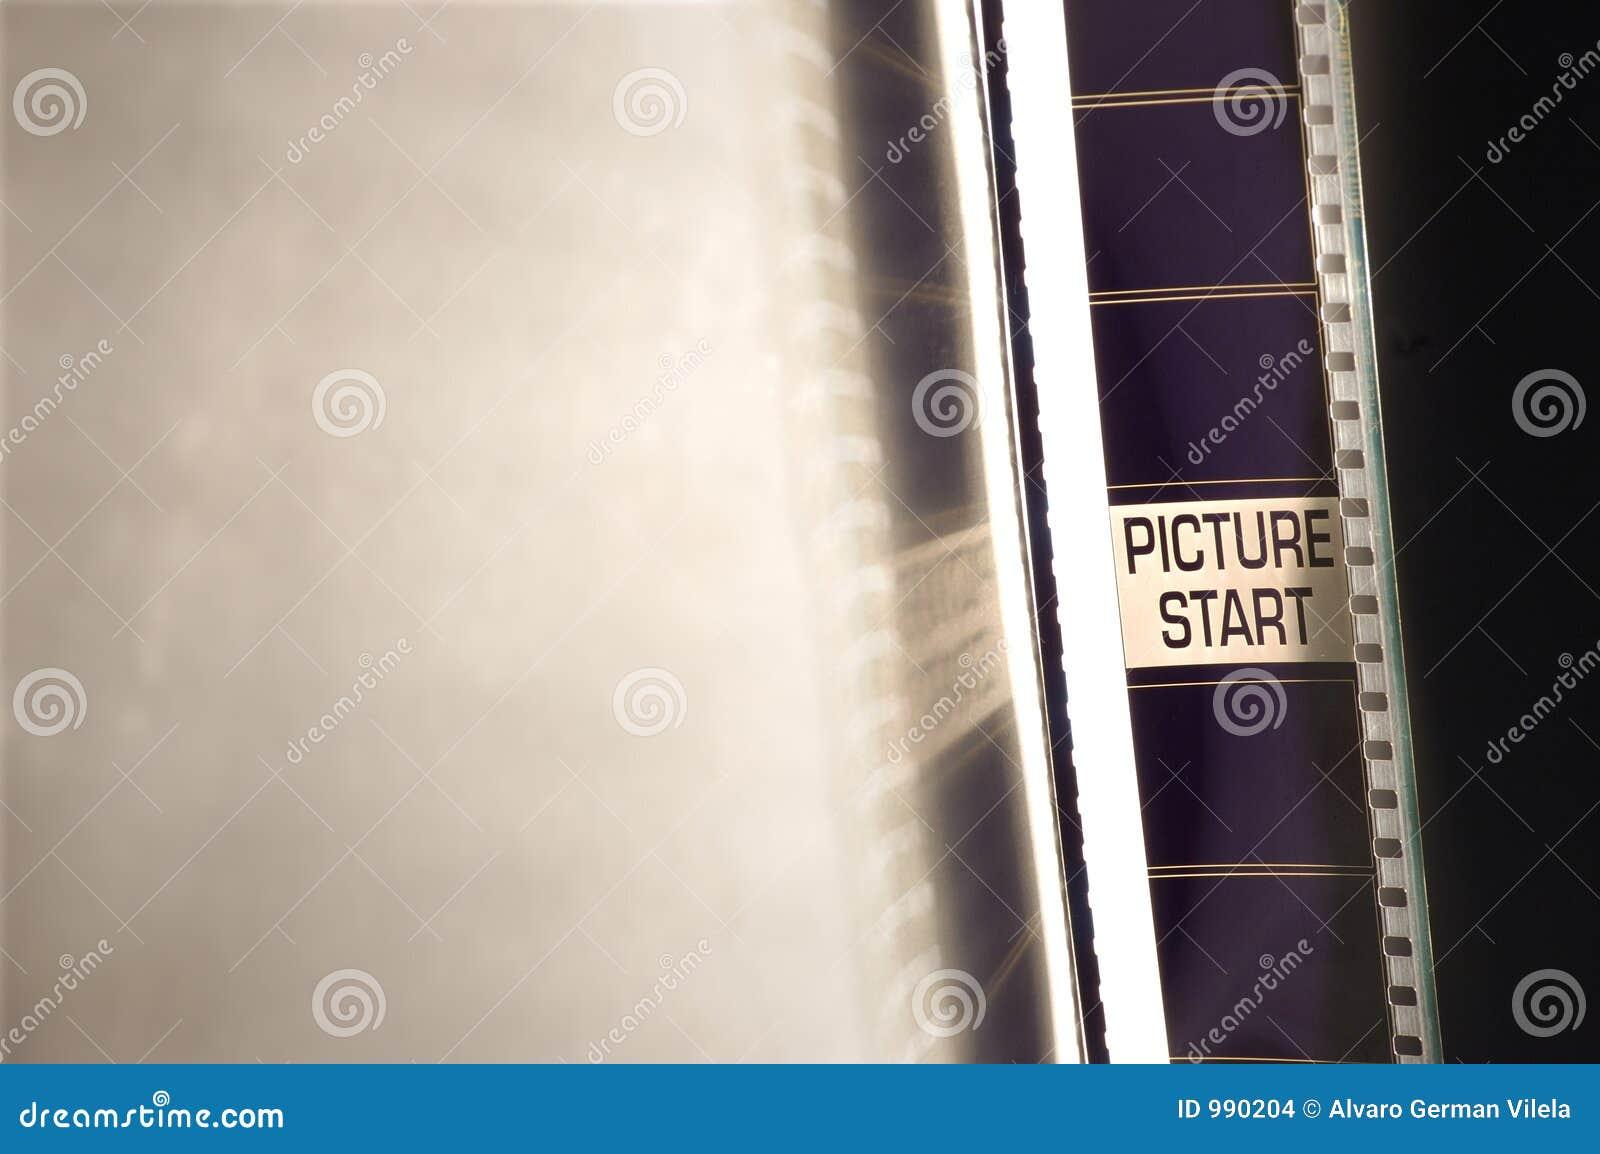 Filmnegative